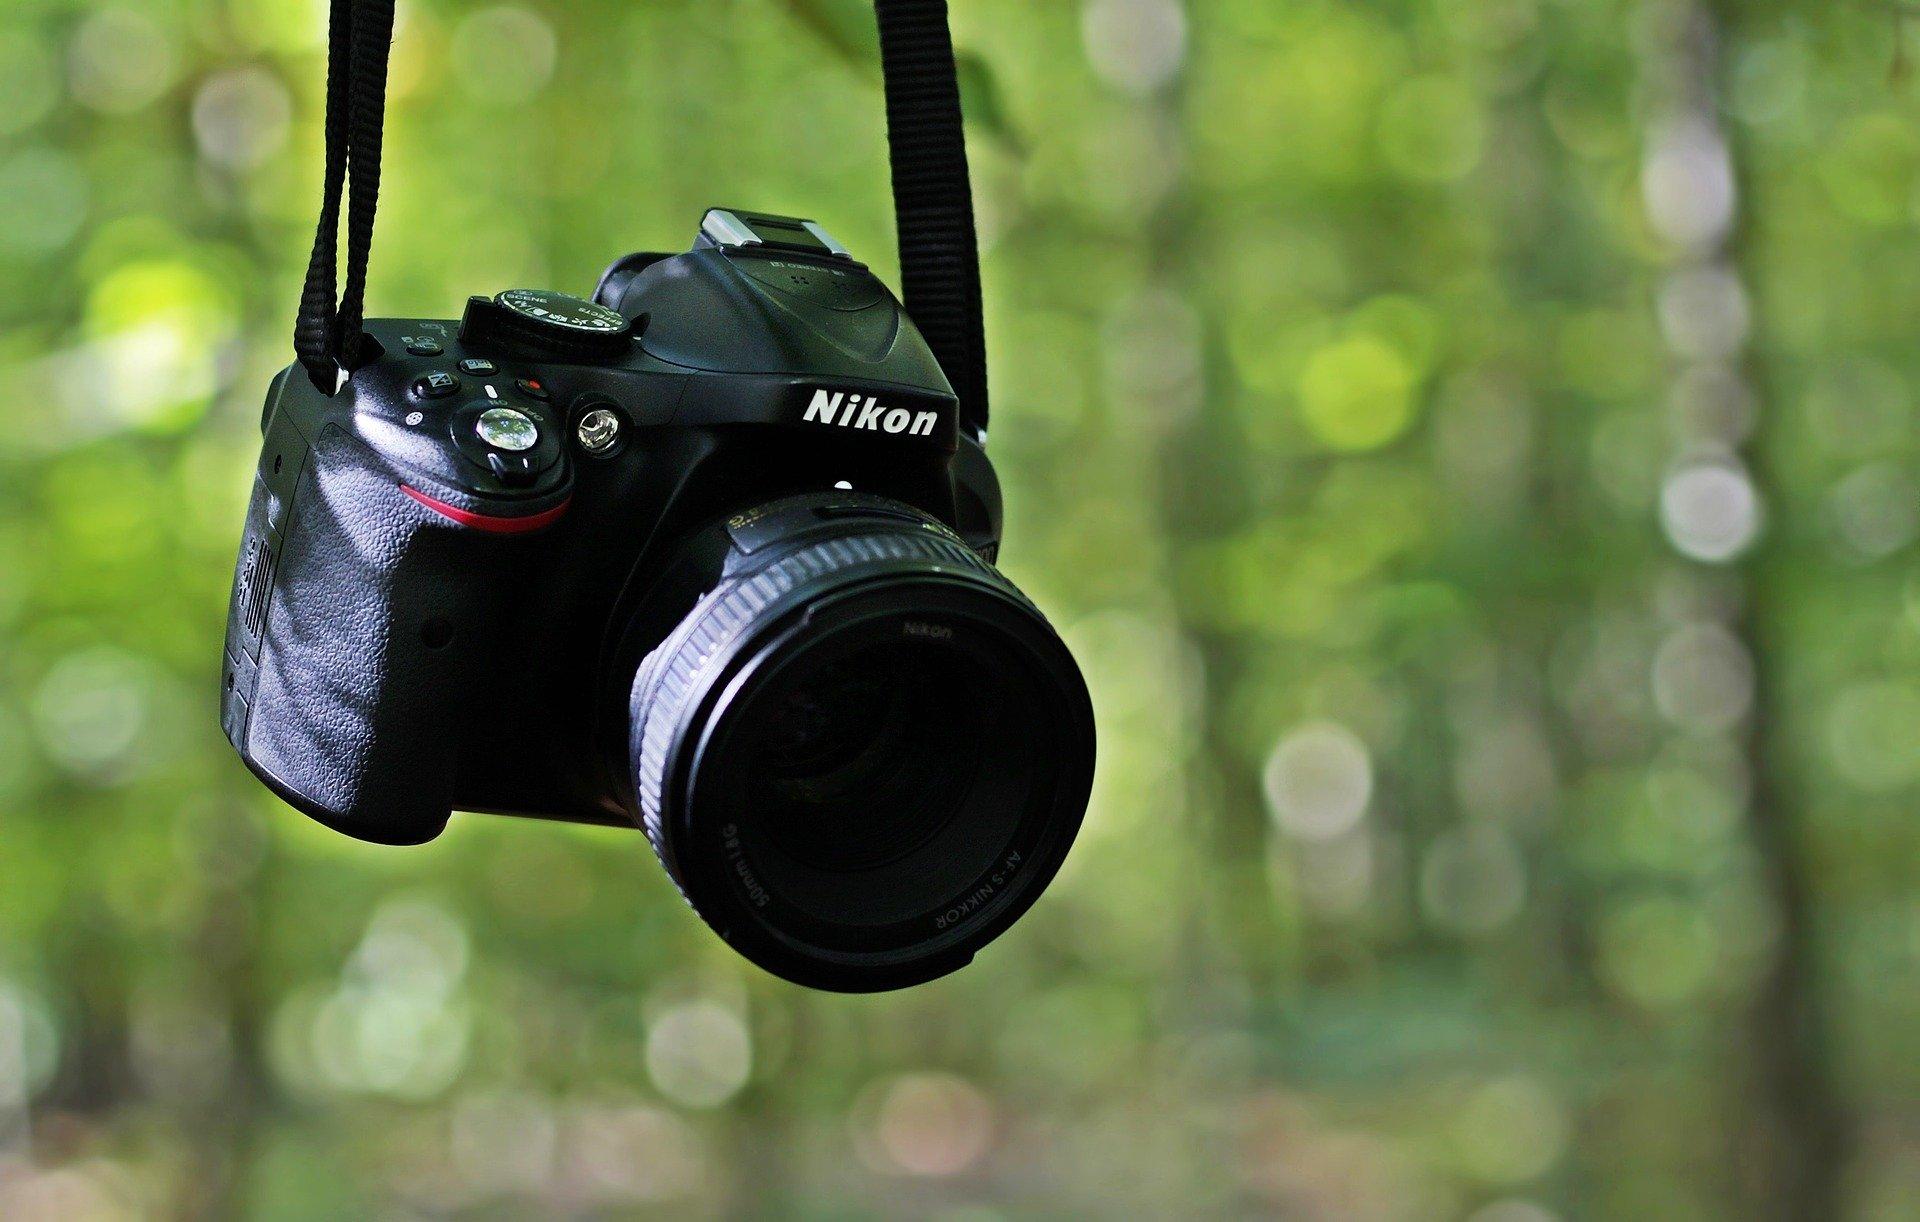 fotocamera dslr